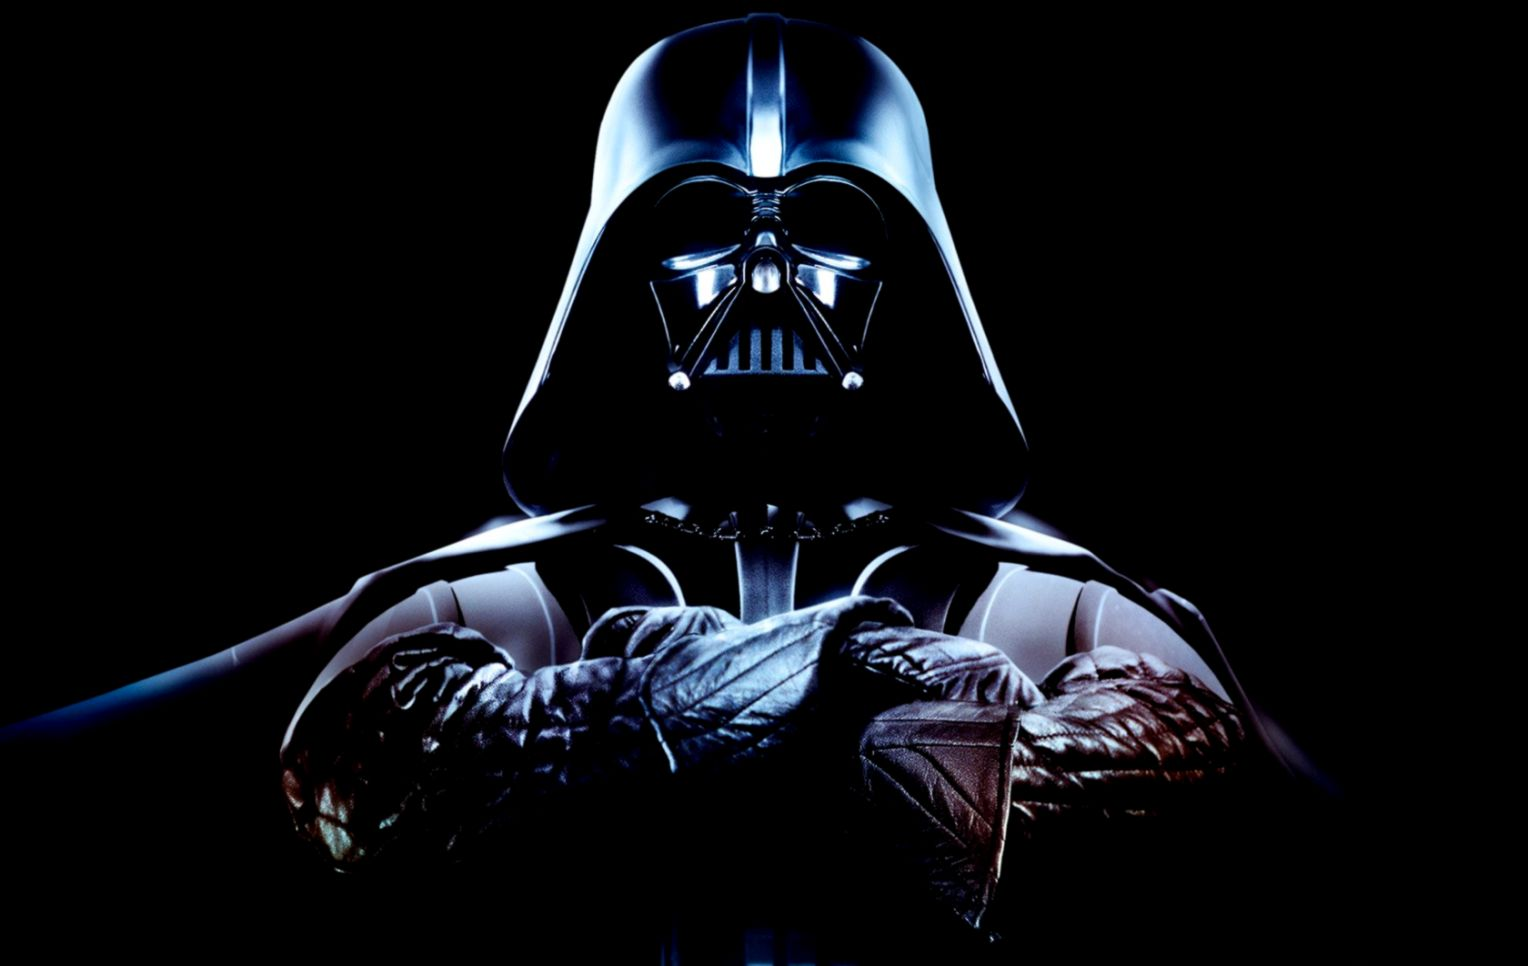 Star Wars Wallpaper Darth Vader Dom Wallpapers